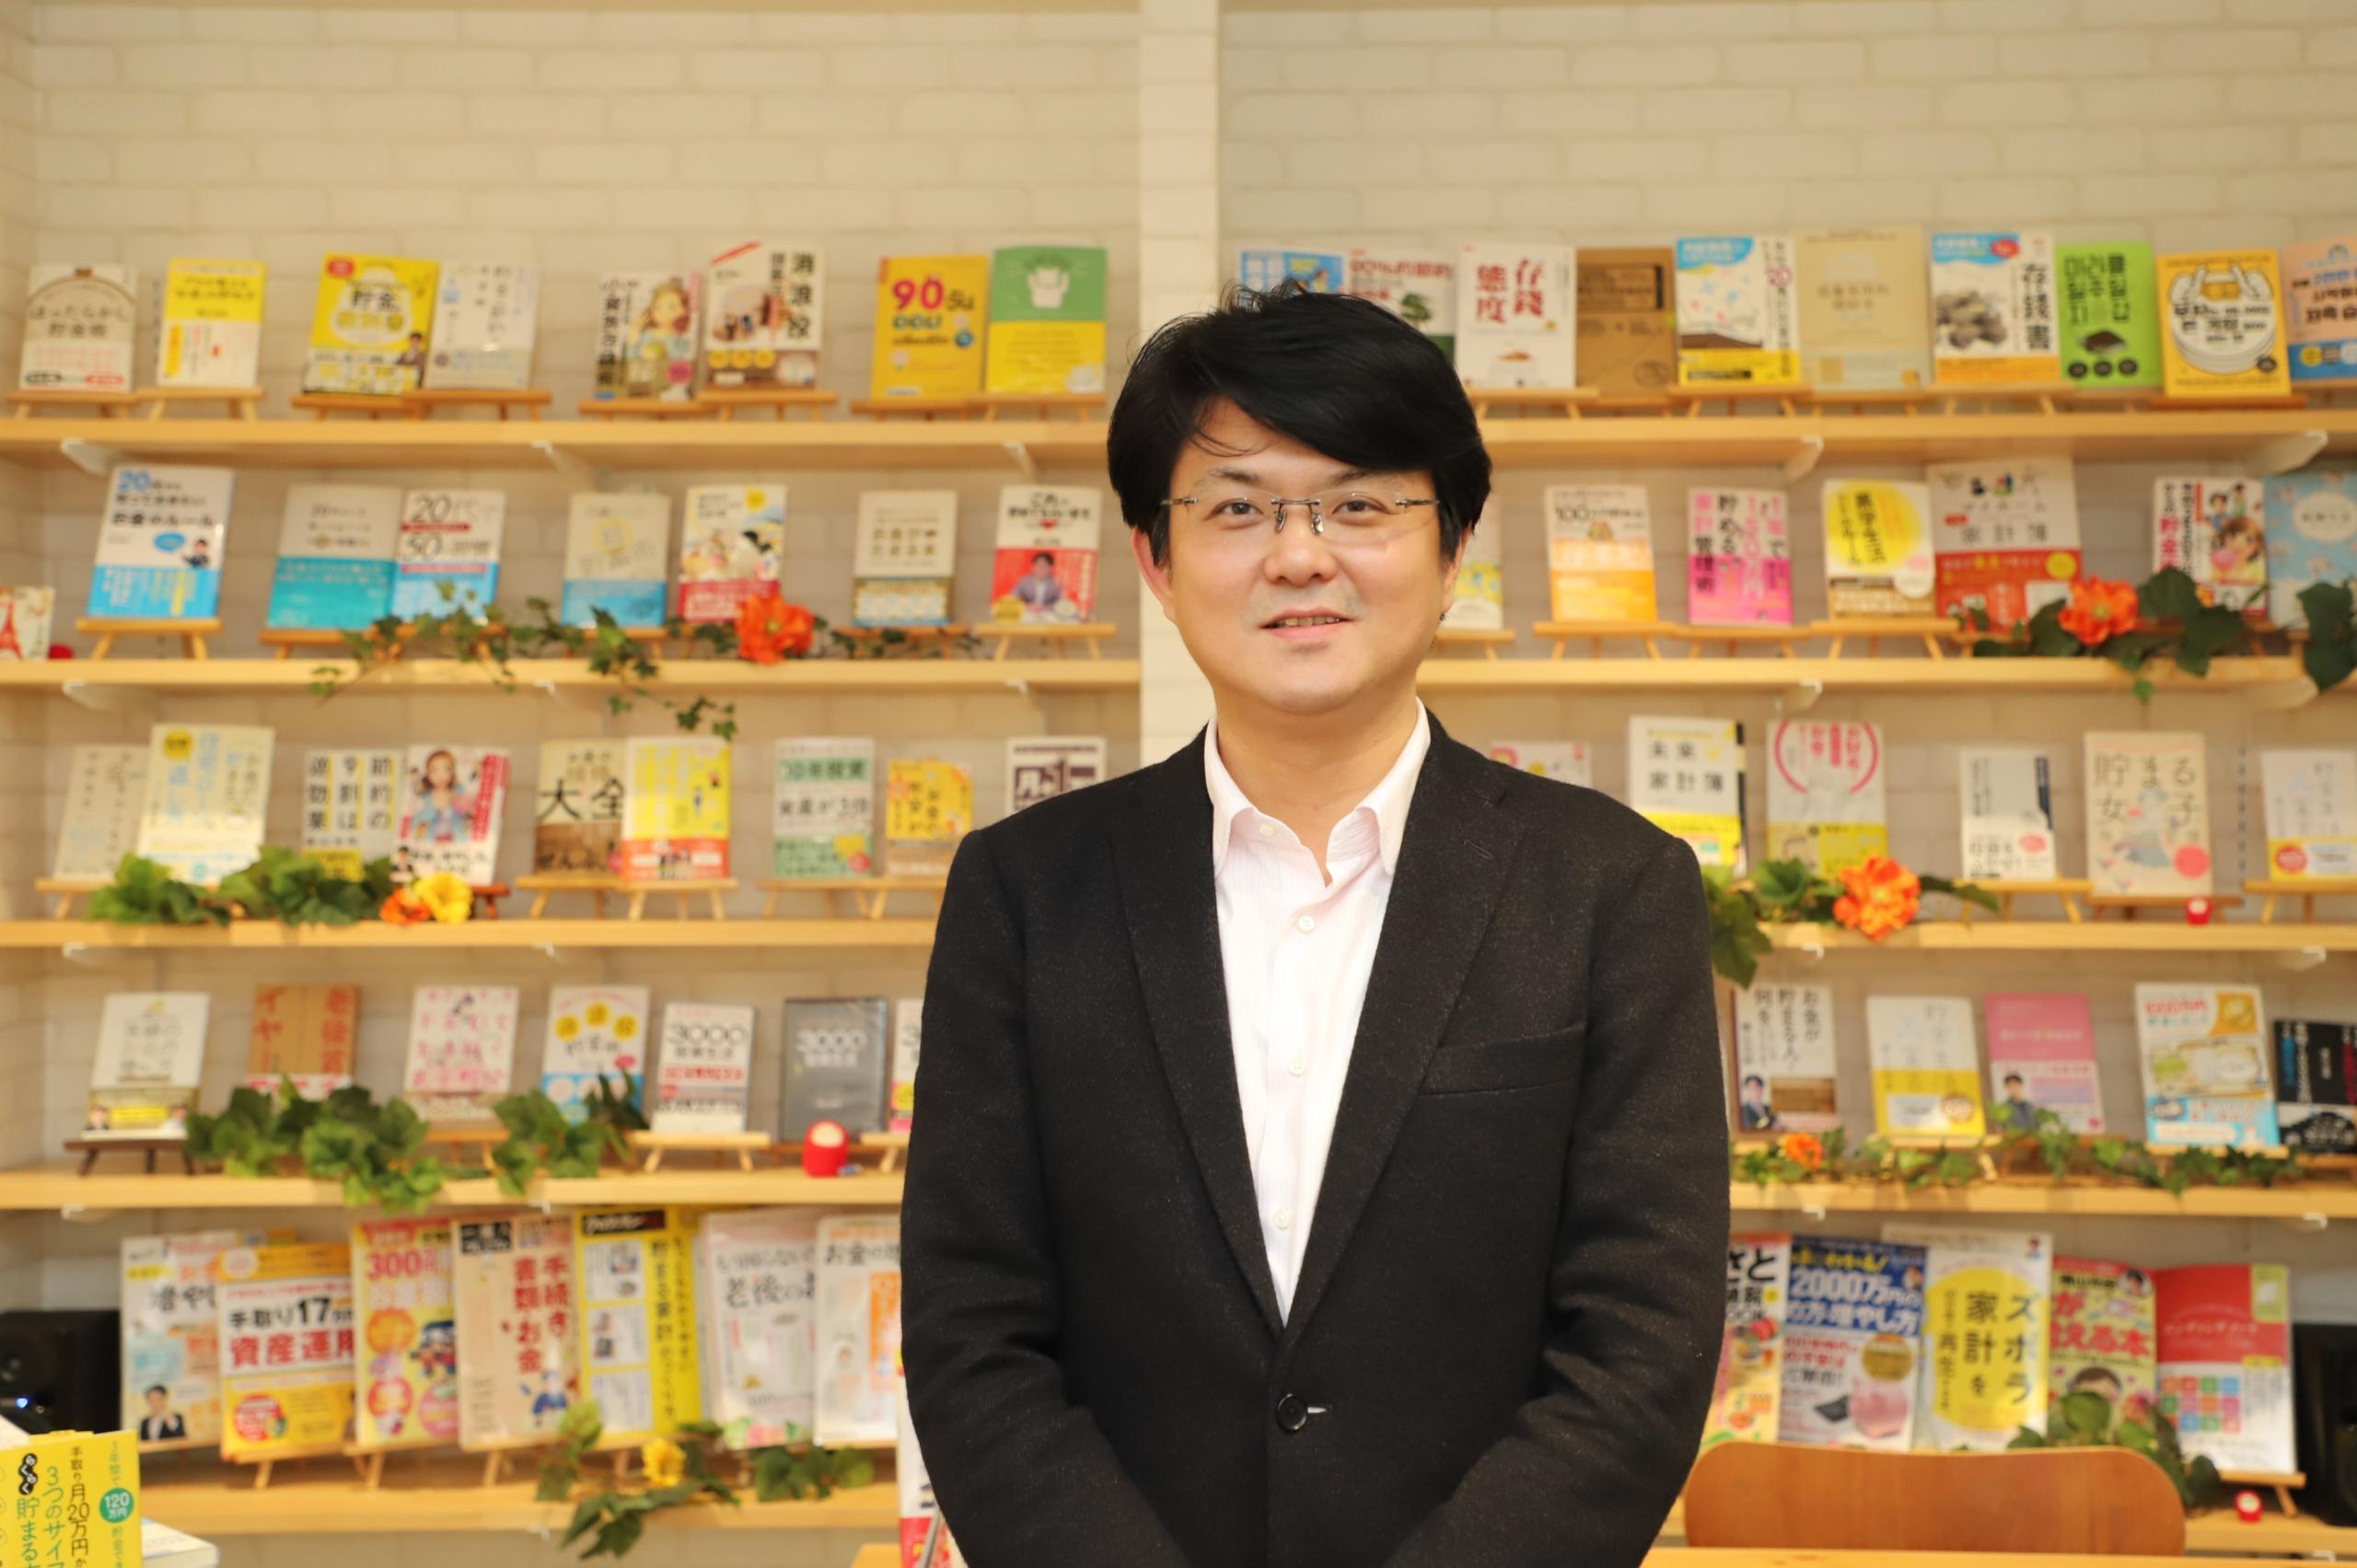 株式会社マイエフピー横山光昭氏